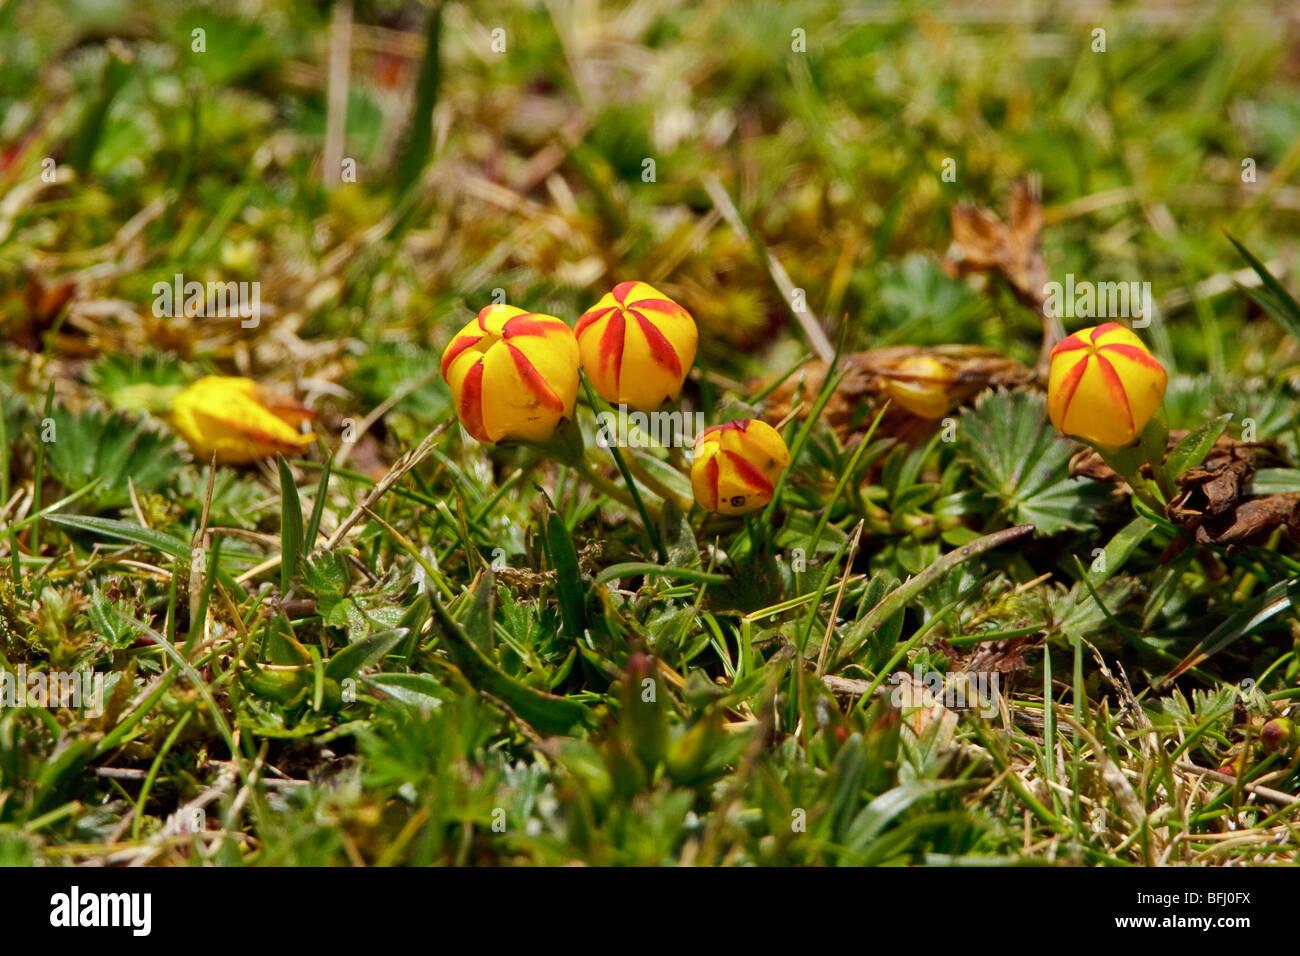 La Végétation Paramo dans Cajas National Park est le sud de l'Équateur. Photo Stock